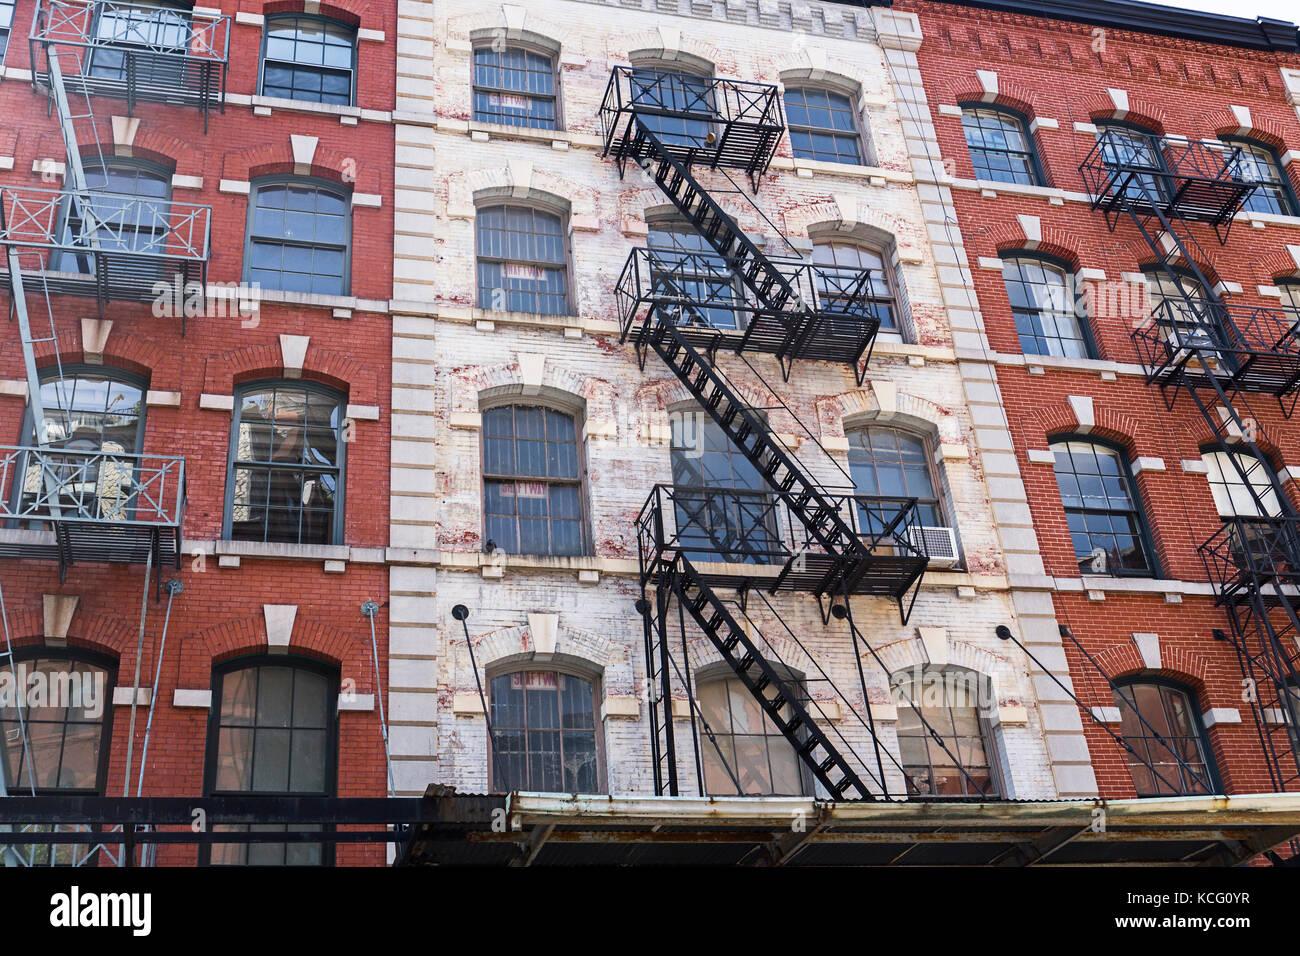 Typische alte Häuser mit Fassaden Treppen in Tribeca, New York City, USA Stockbild